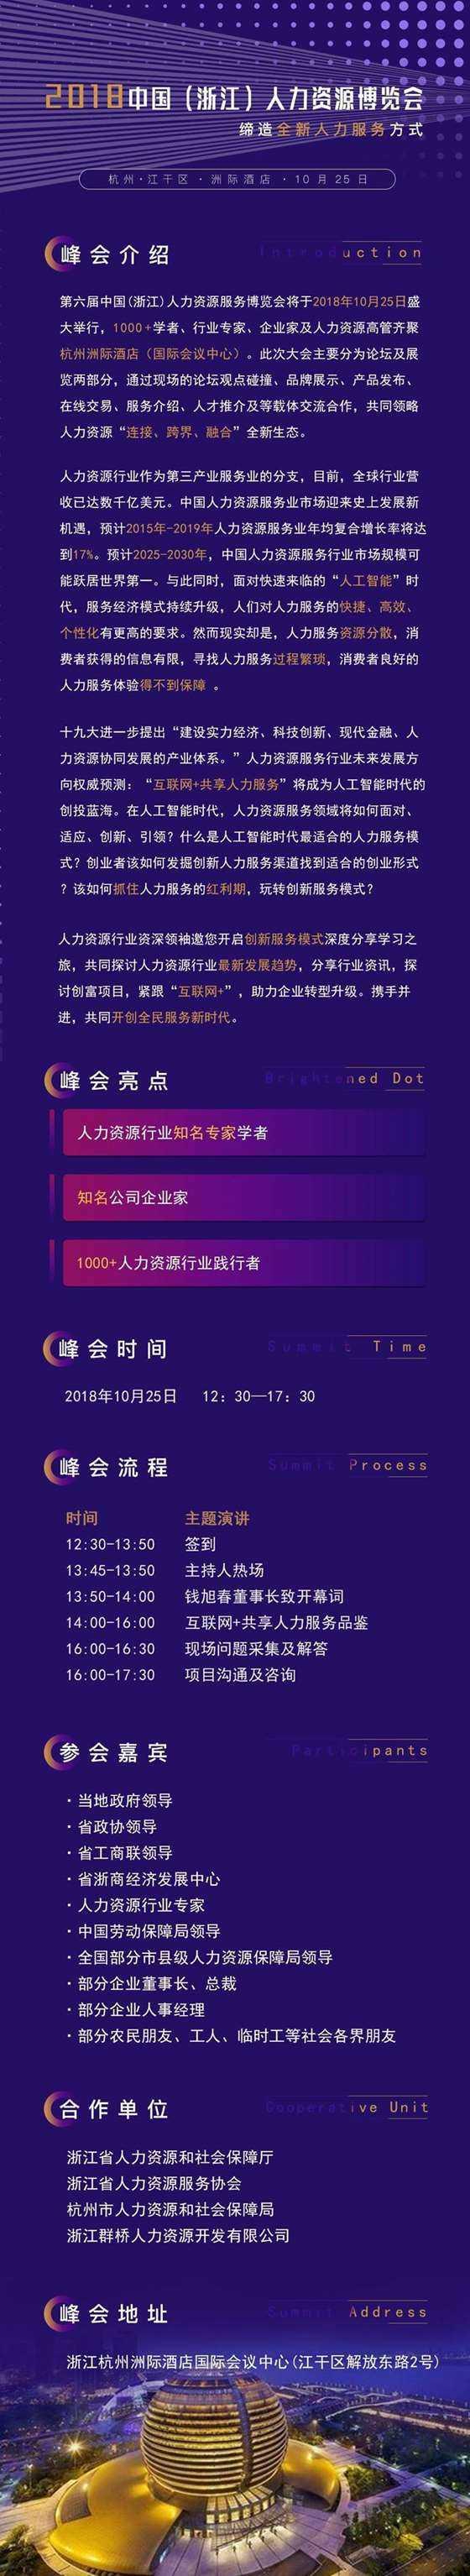 10.25活动行banner.jpg